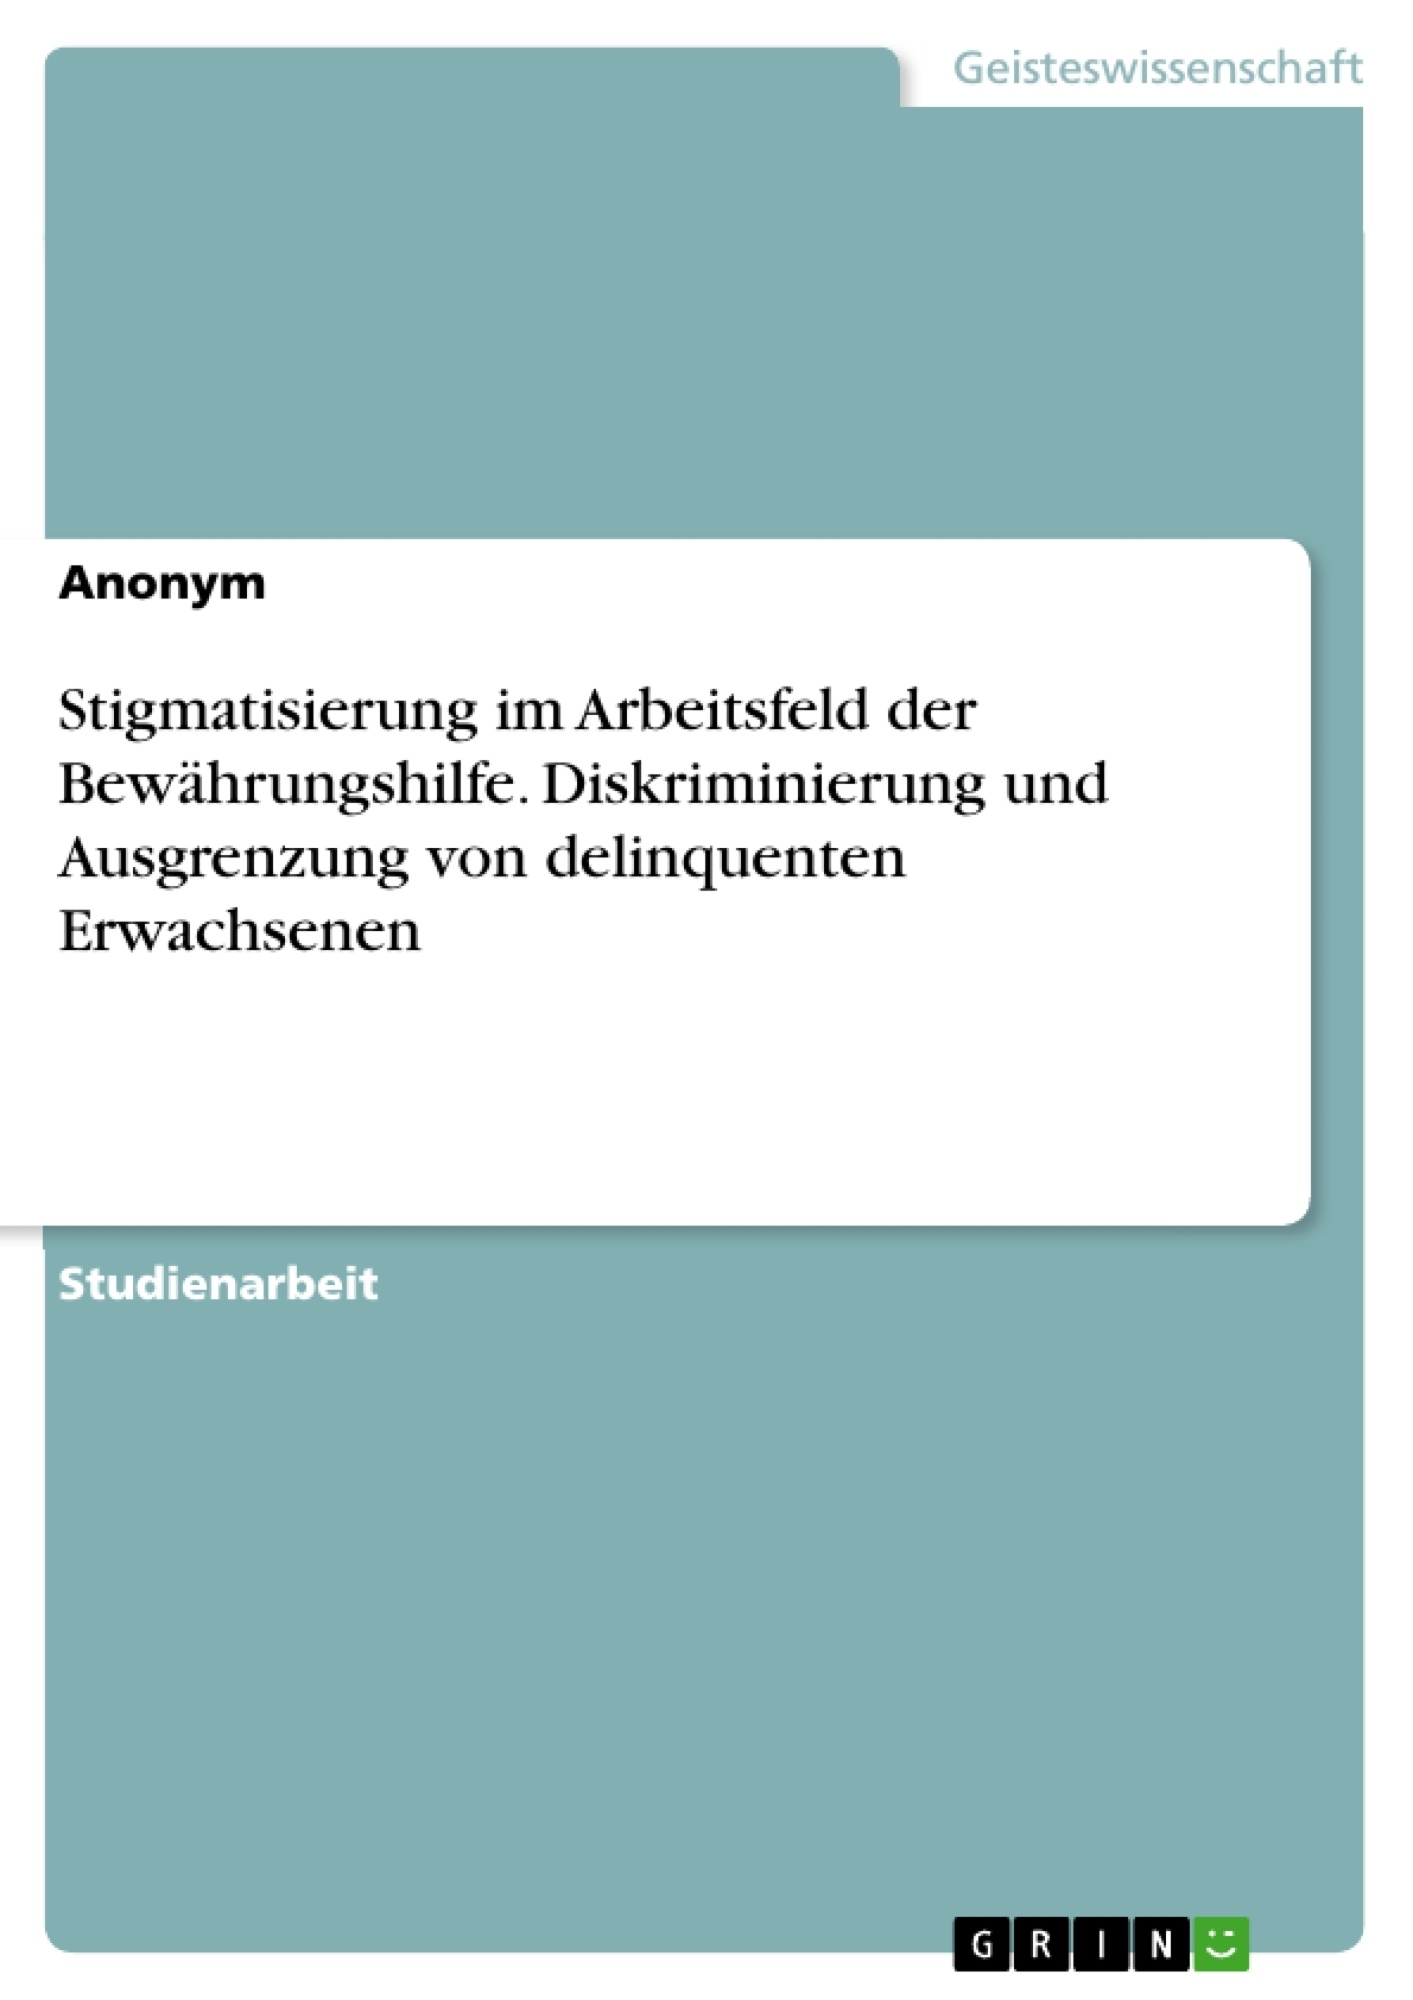 Titel: Stigmatisierung im Arbeitsfeld der Bewährungshilfe. Diskriminierung und Ausgrenzung von delinquenten Erwachsenen